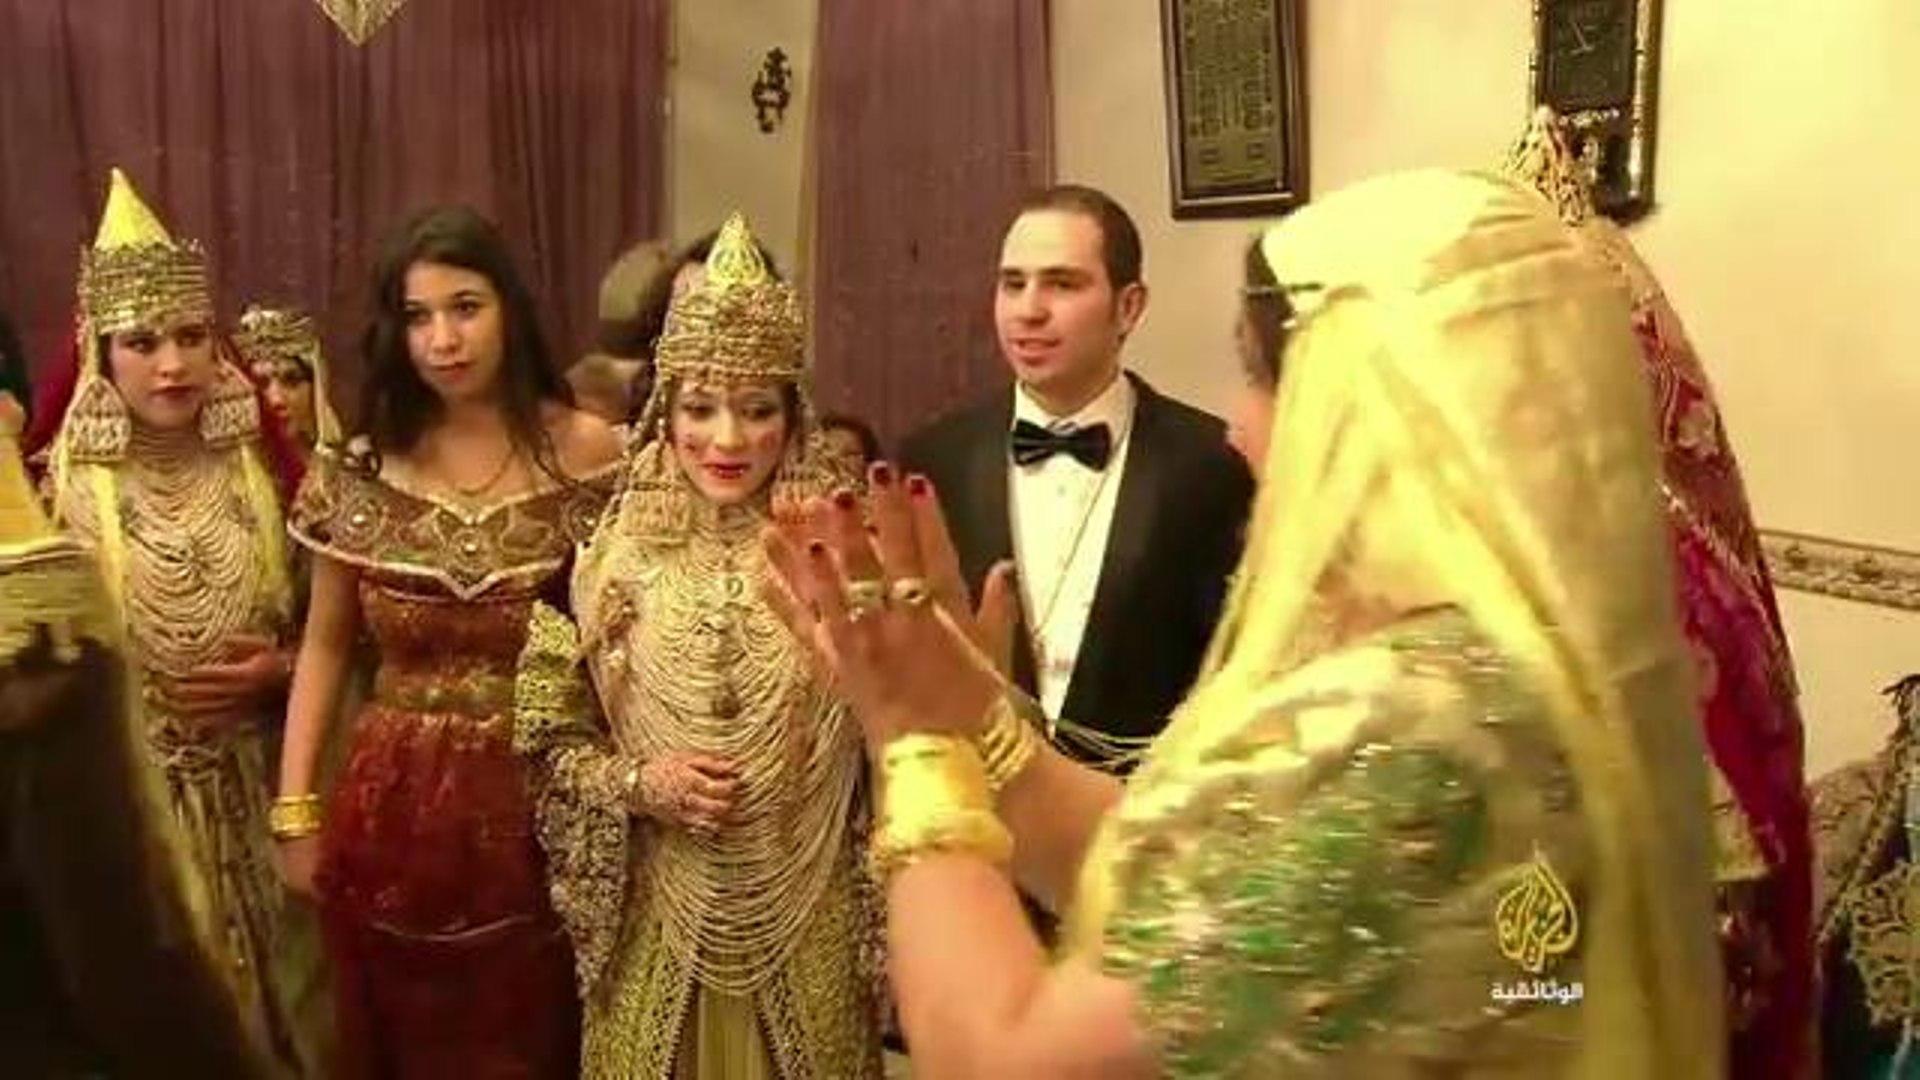 صورة اعراس الجزائر , العرائس في الجزائر